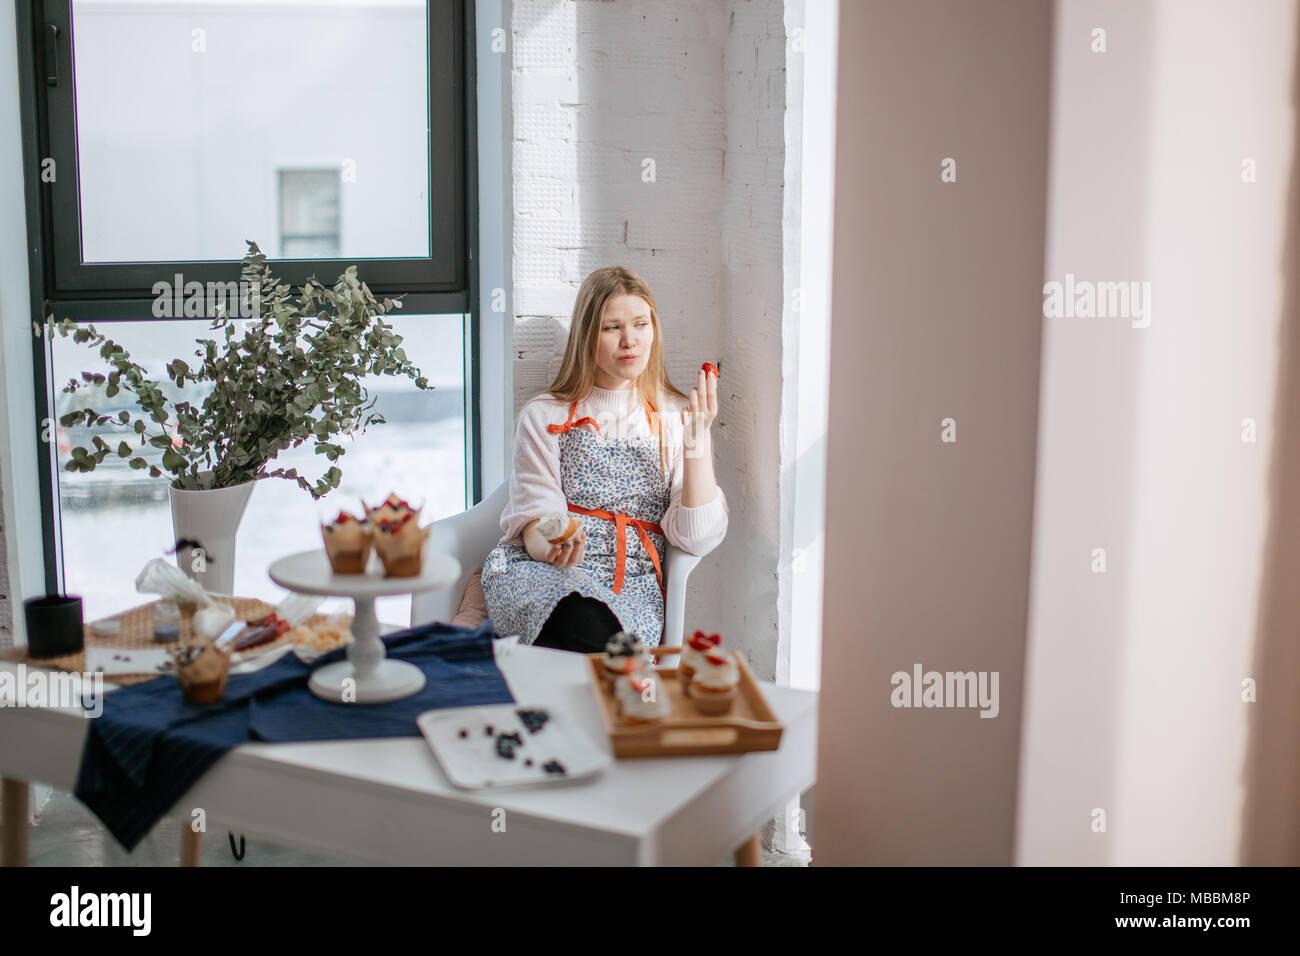 Hermosa joven comiendo cupcake mientras está sentado cerca de la ventana en el cafe Imagen De Stock